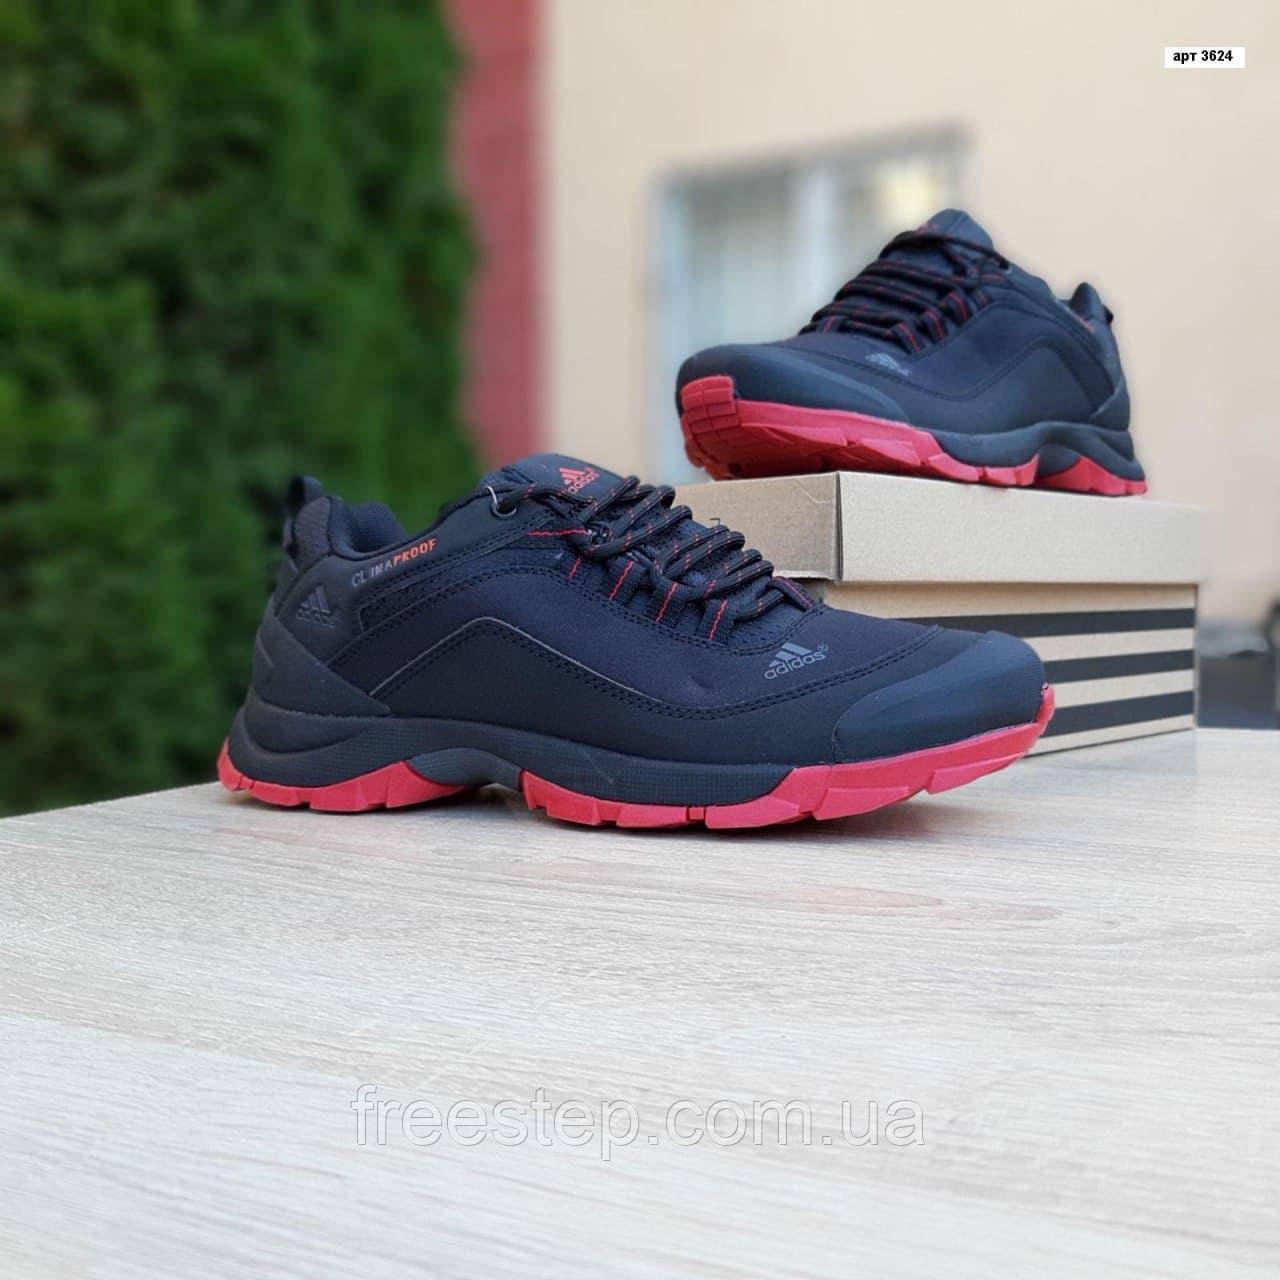 Чоловічі зимові кросівки в стилі Adidas Climaproof чорні на красній